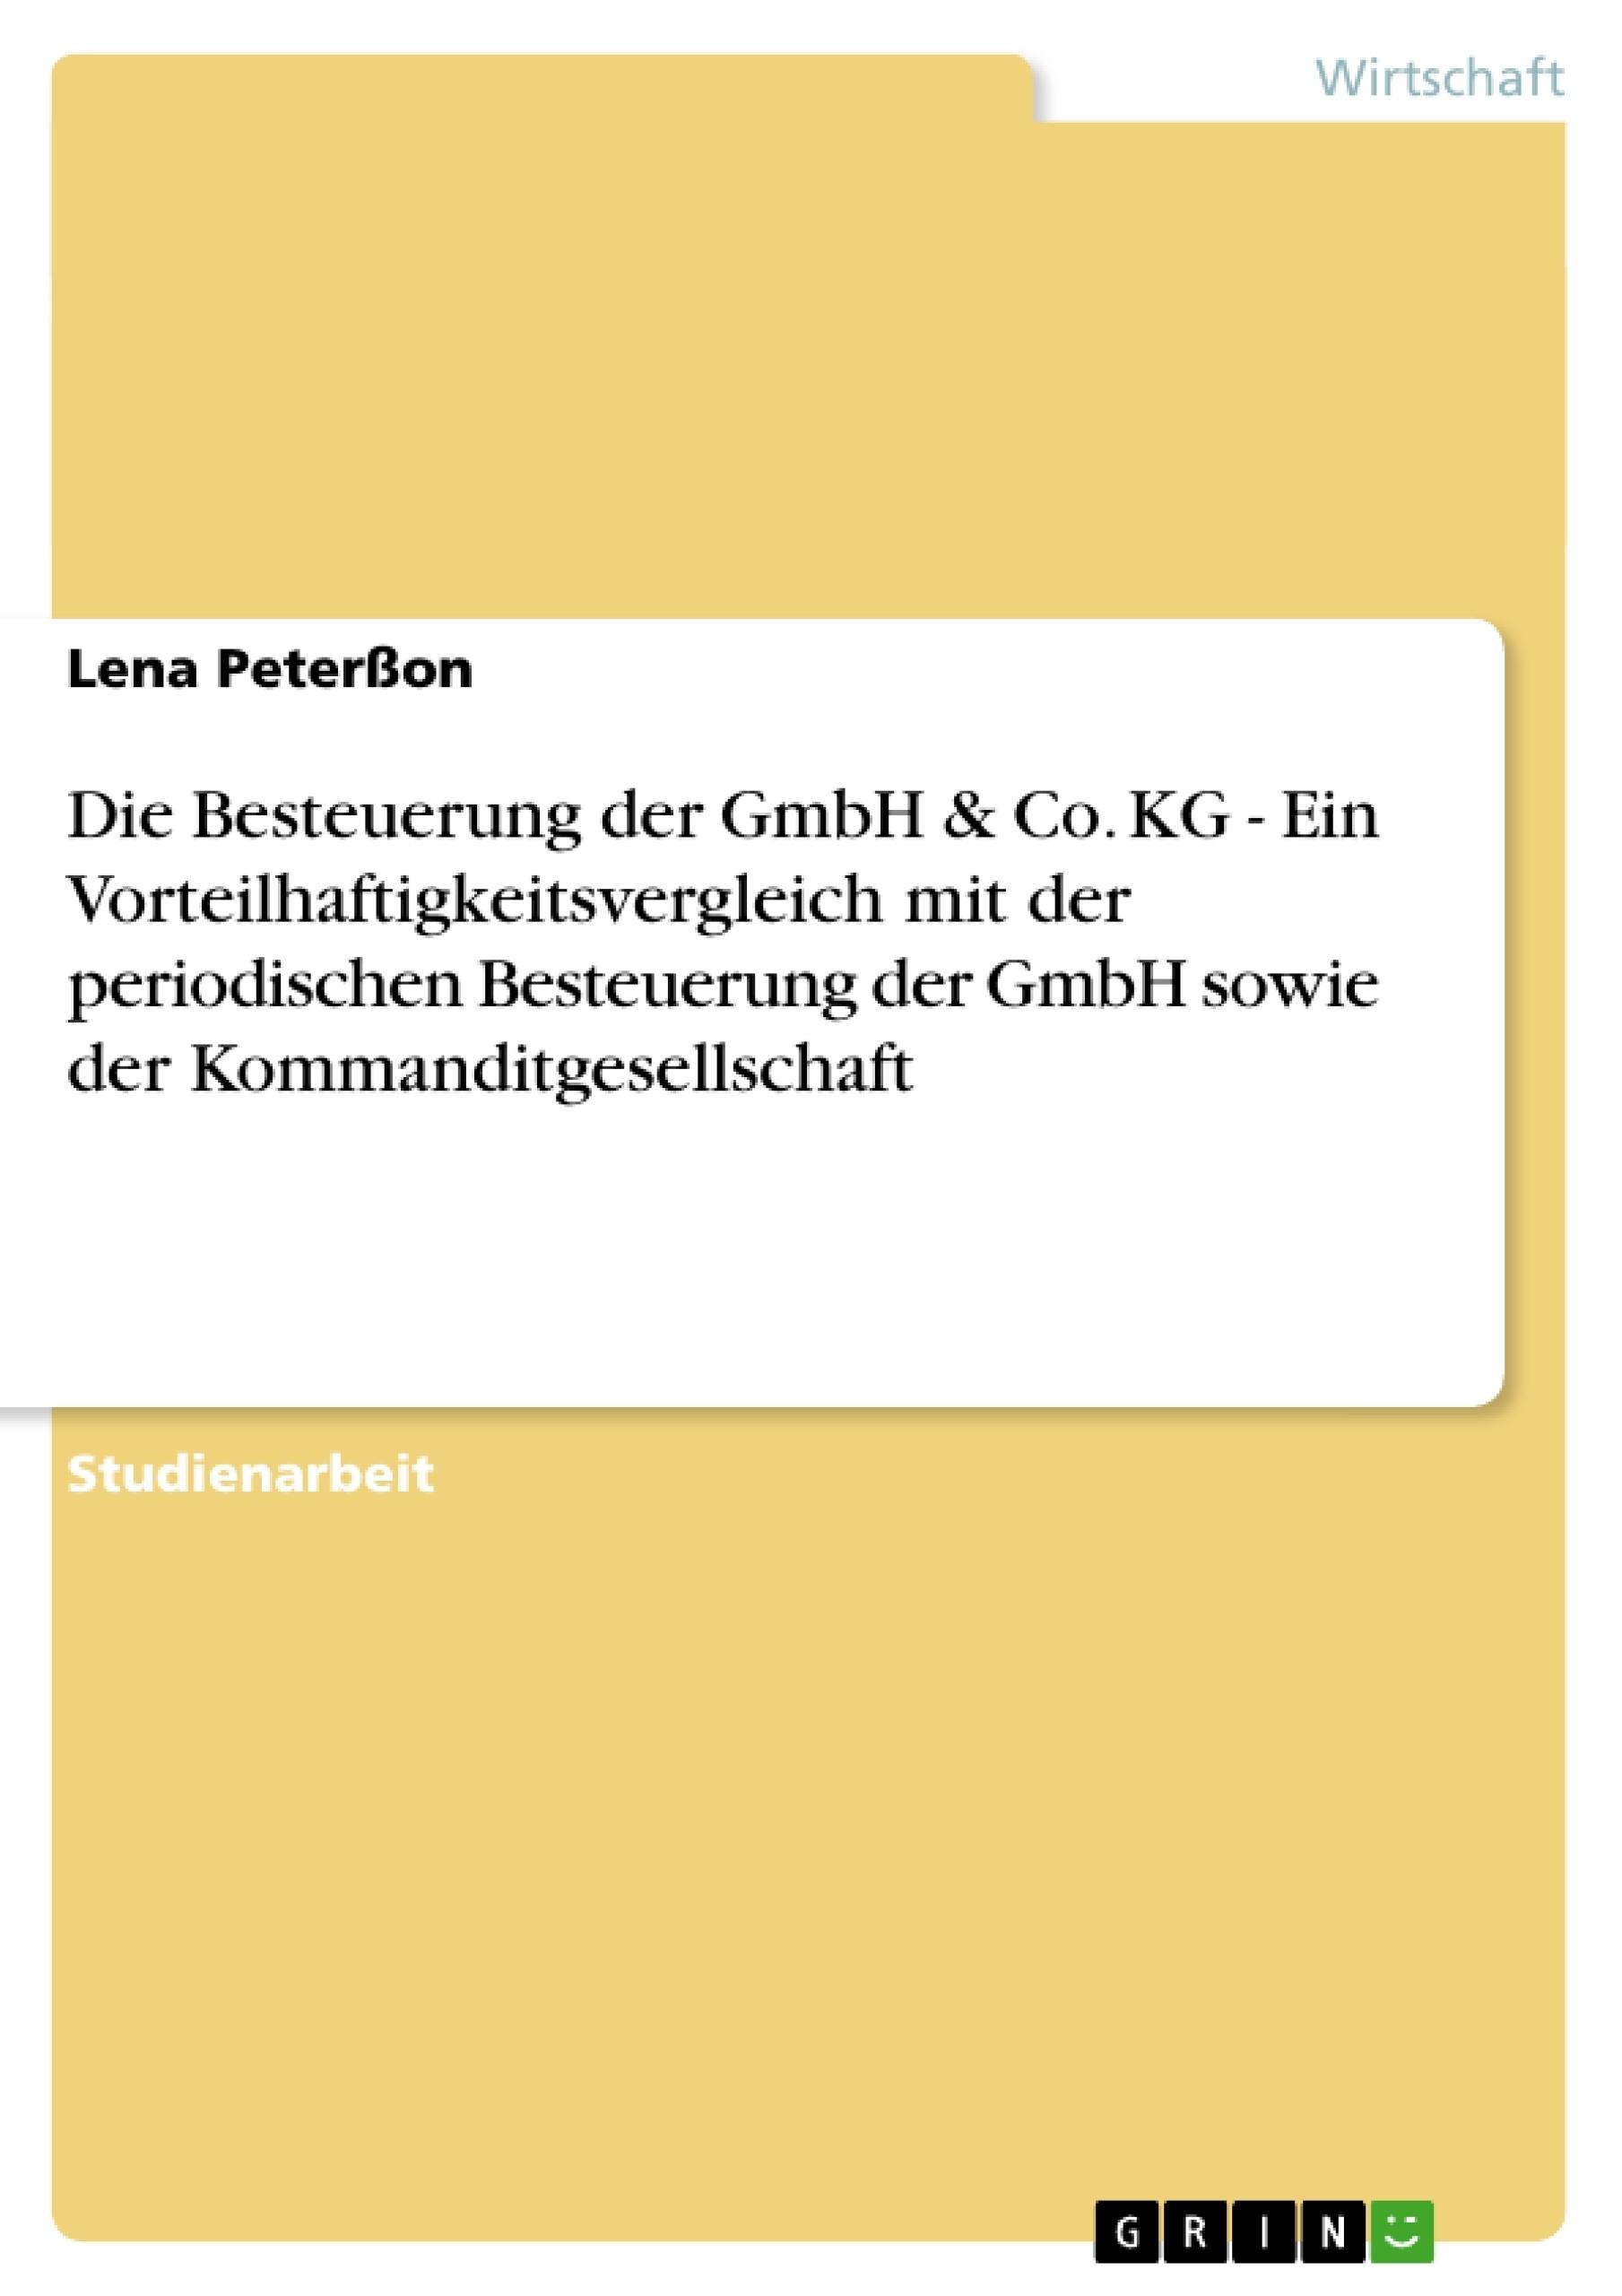 Titel: Die Besteuerung der GmbH & Co. KG - Ein Vorteilhaftigkeitsvergleich mit der periodischen Besteuerung der GmbH sowie der Kommanditgesellschaft